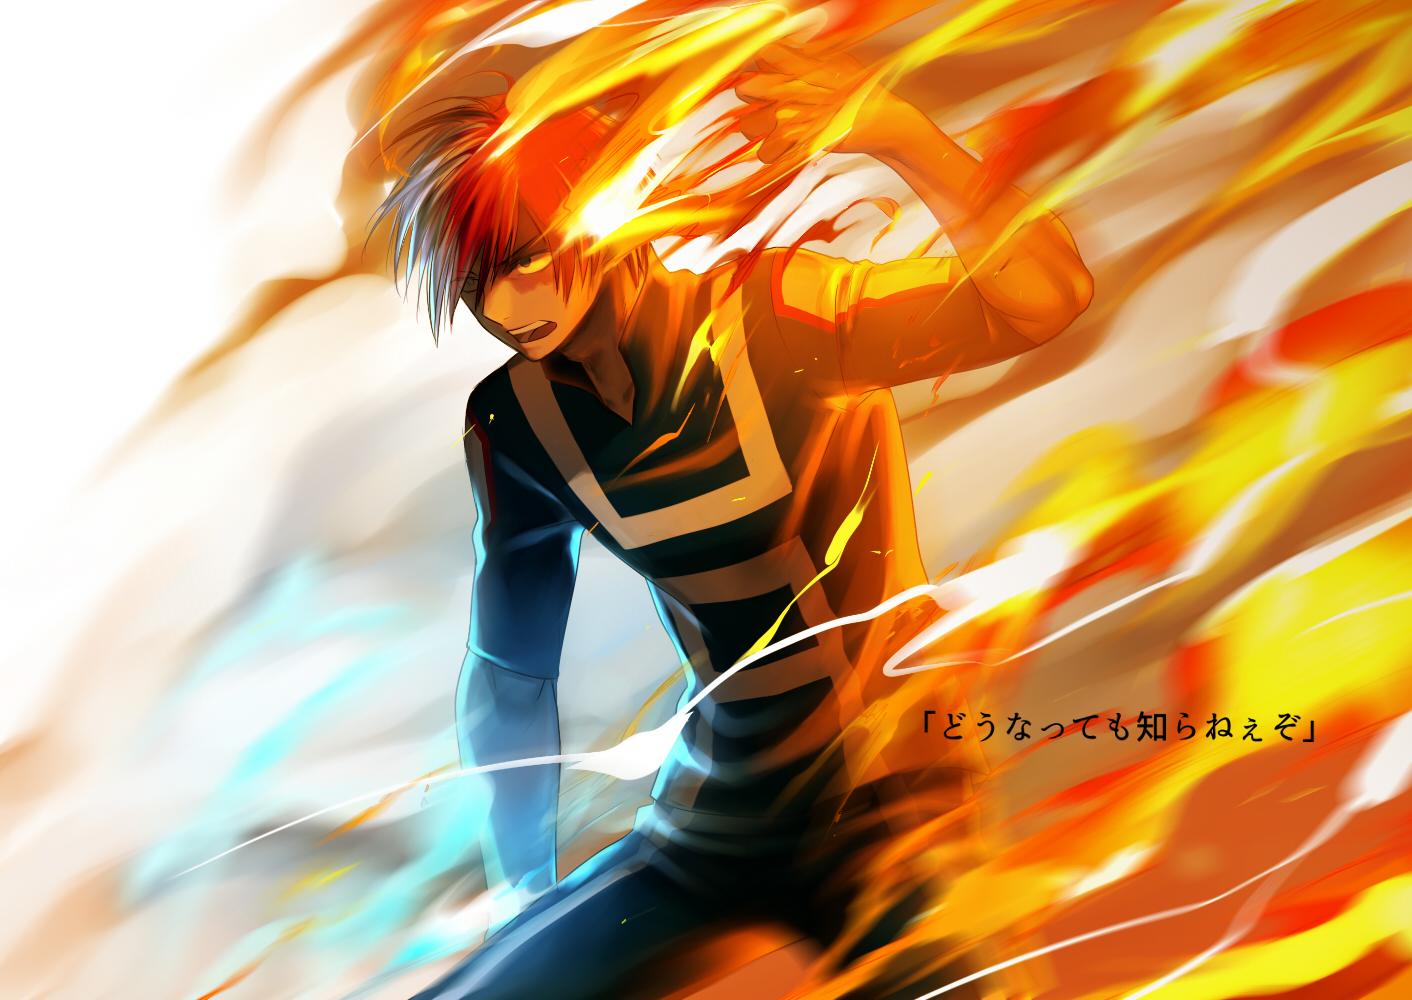 Todoroki Shouto - Boku no Hero Academia - Image #1934336 ...